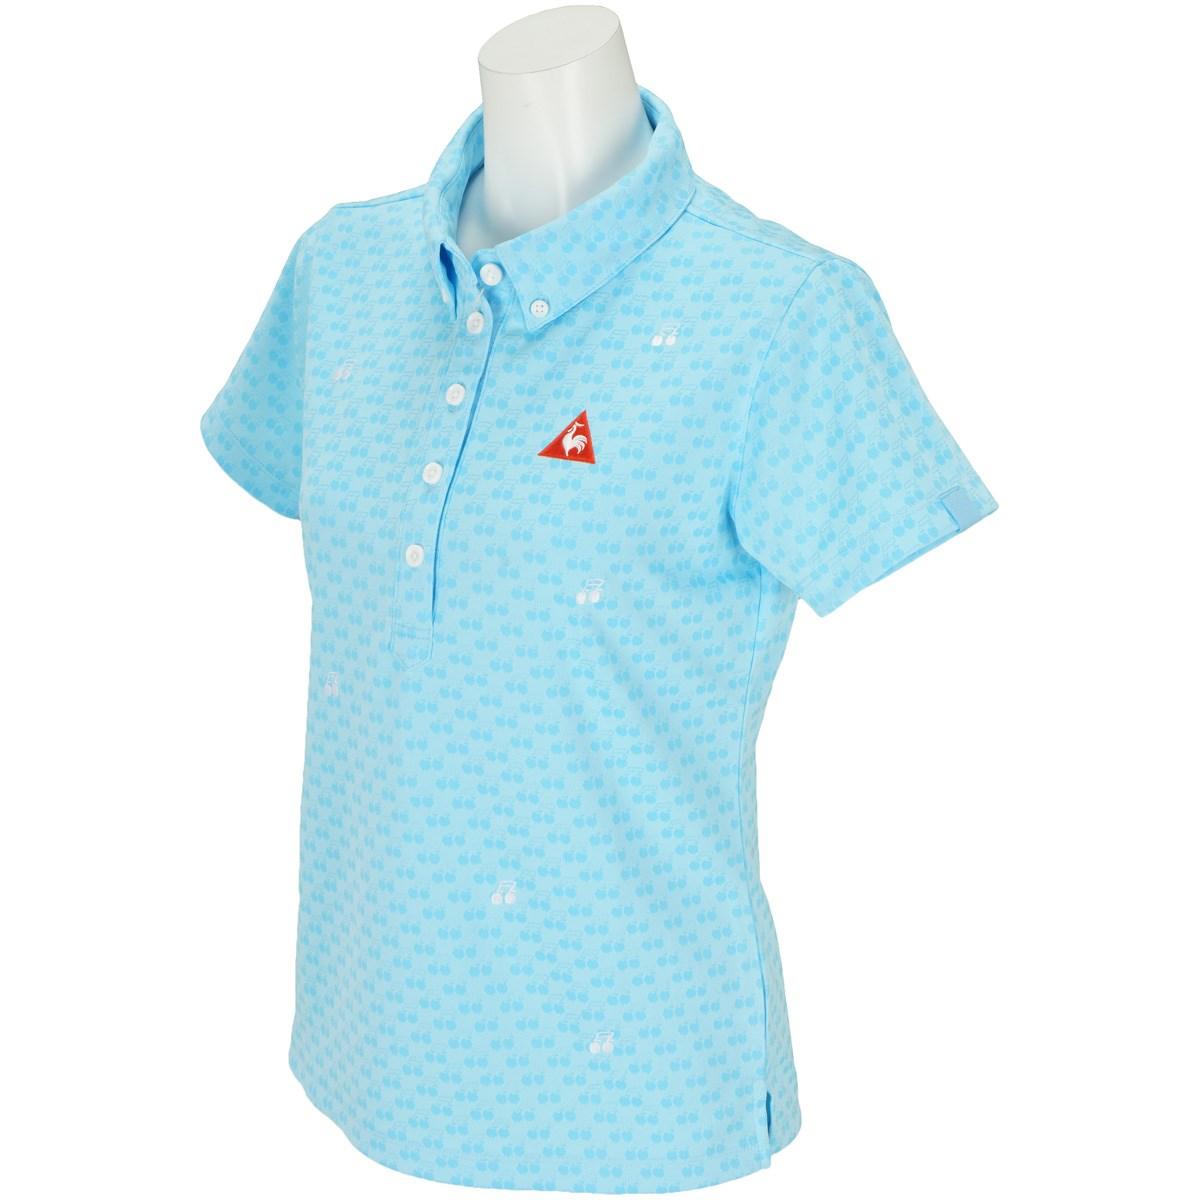 ルコックゴルフ Le coq sportif GOLF 半袖ポロシャツ S ブルー 00 レディス